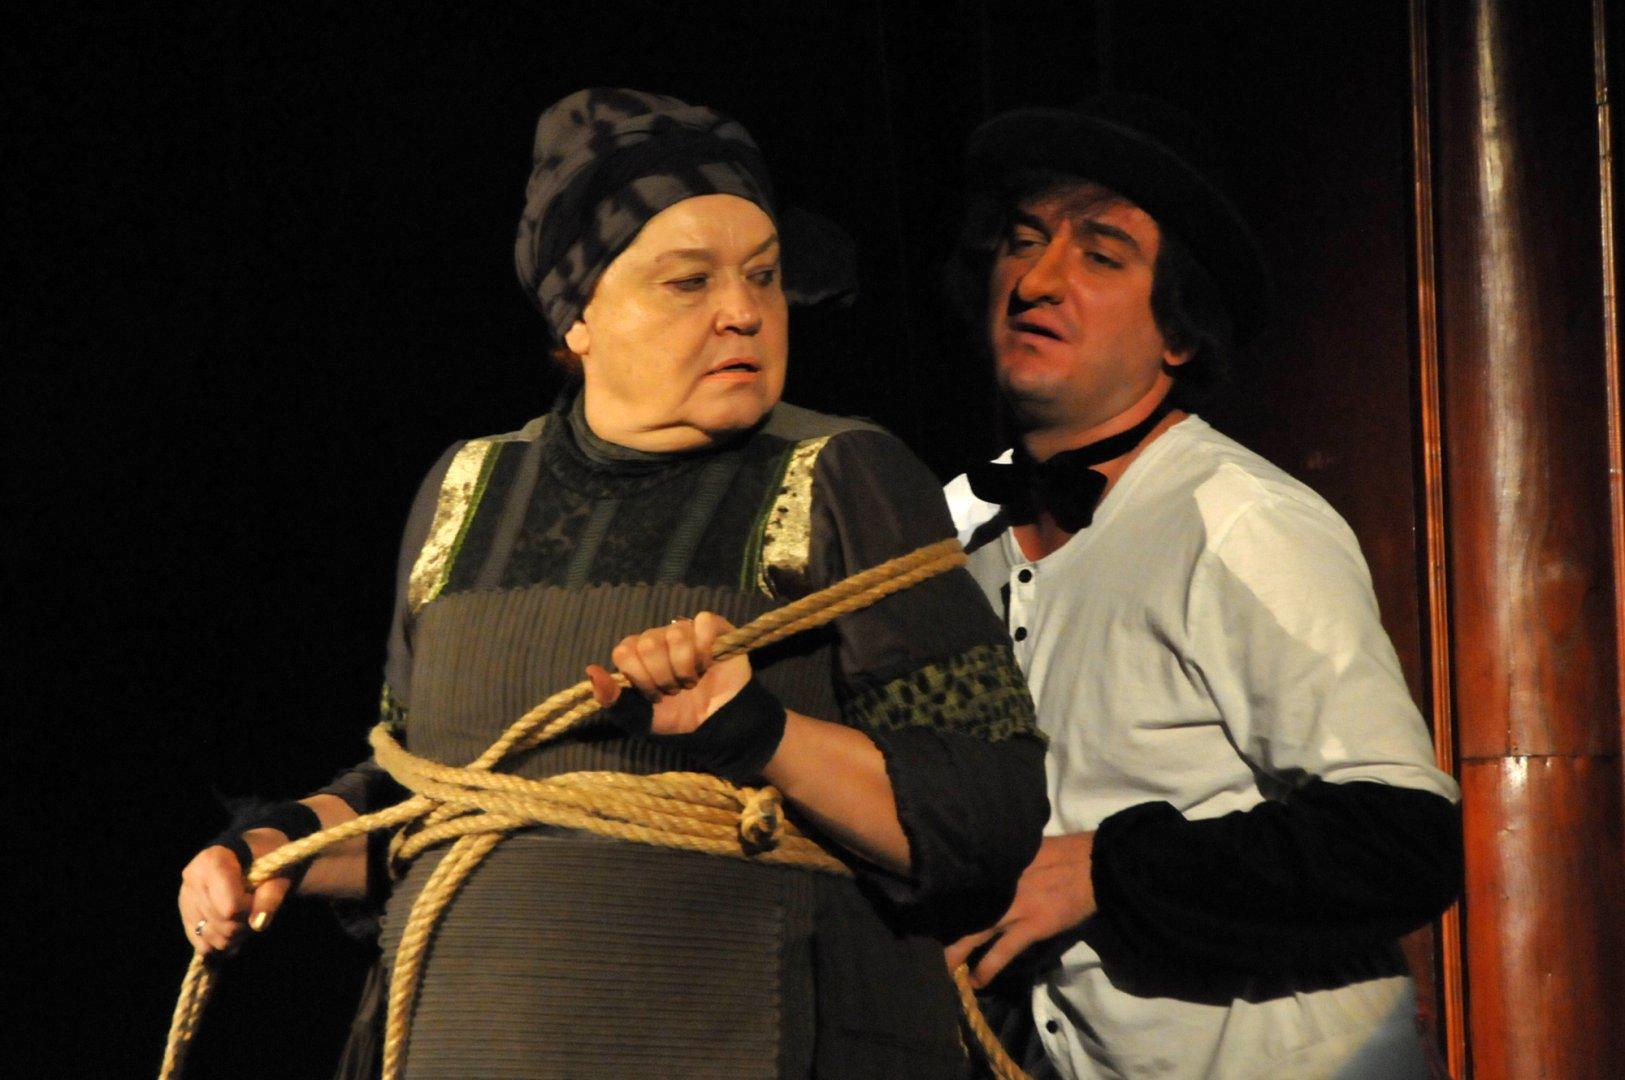 Димитрина Тенева влиза в образа на свекървата в едноименната постановка. Снимки Лина Главинова